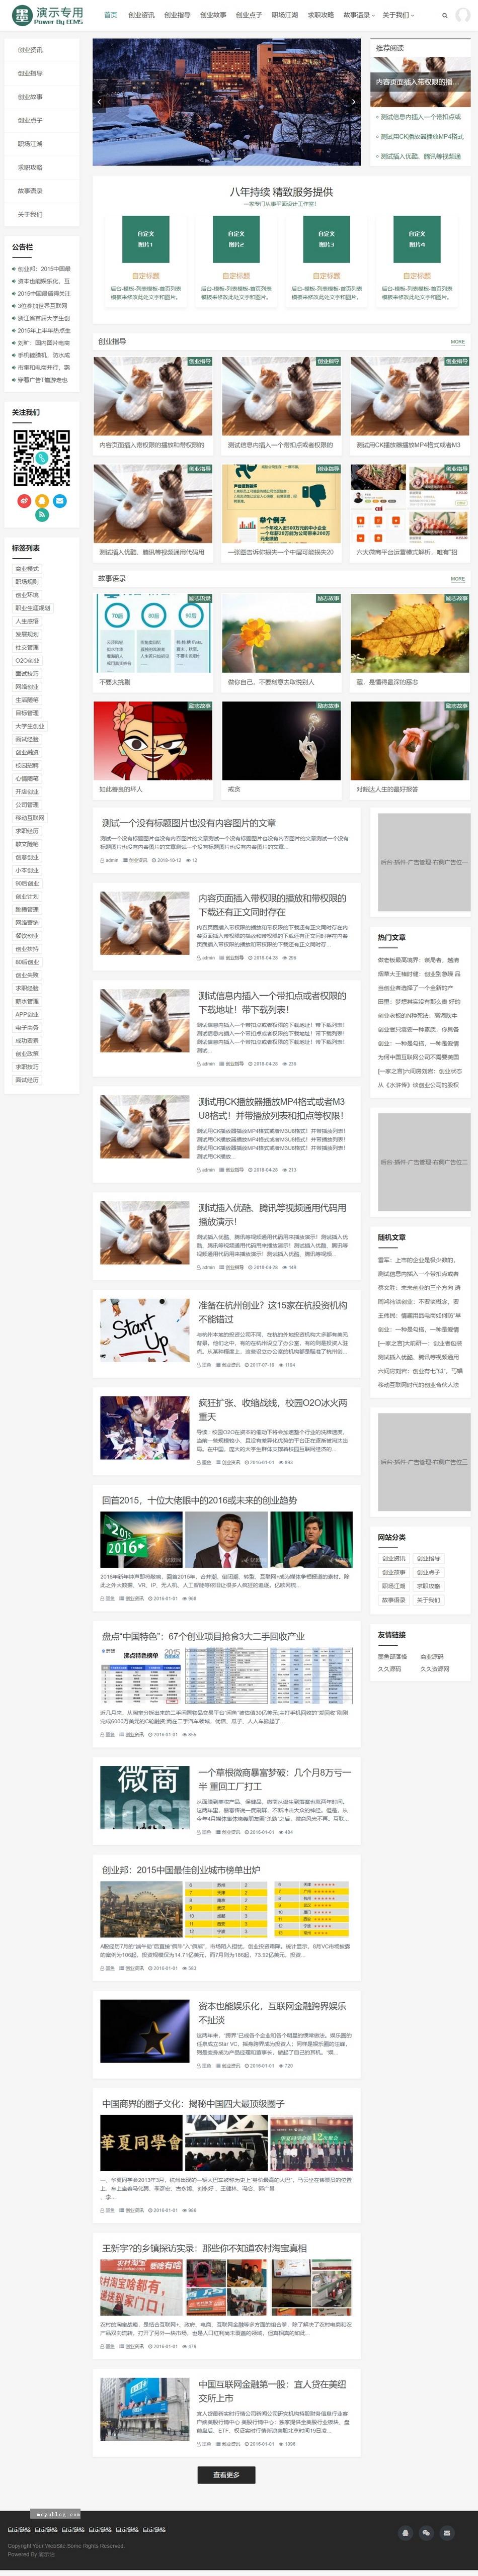 收费视频播放下载新闻资讯博客自适应手机HTML5帝国CMS整站模板B